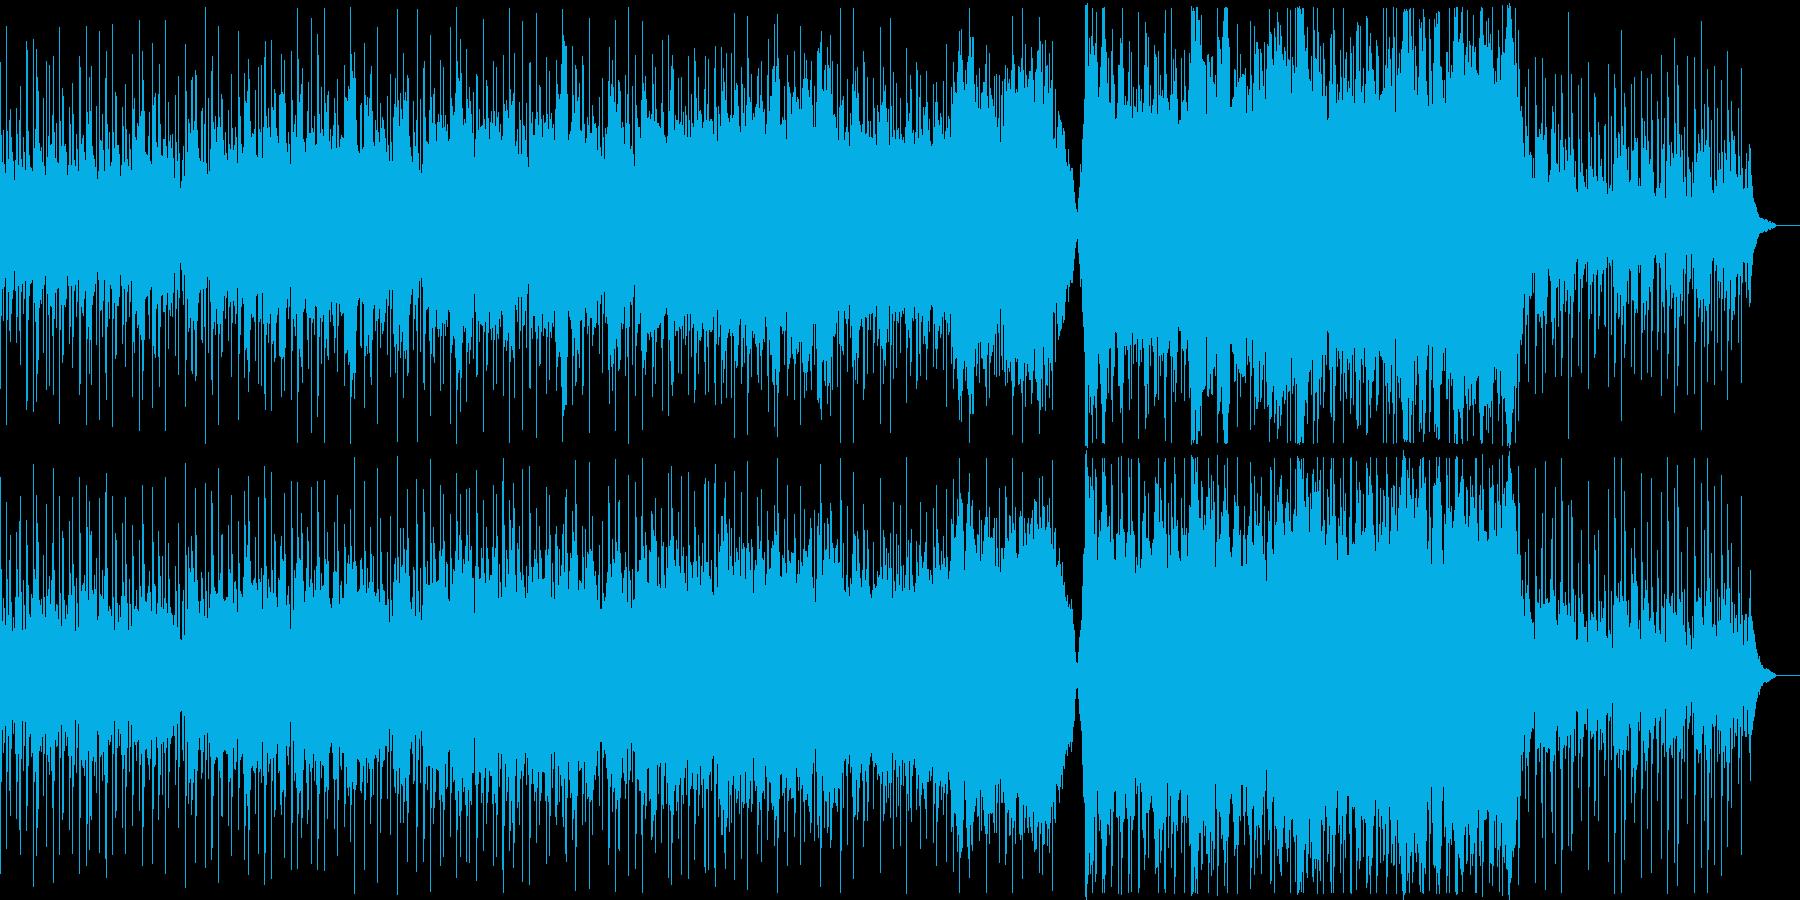 プラネタリウム、星空をイメージした曲の再生済みの波形